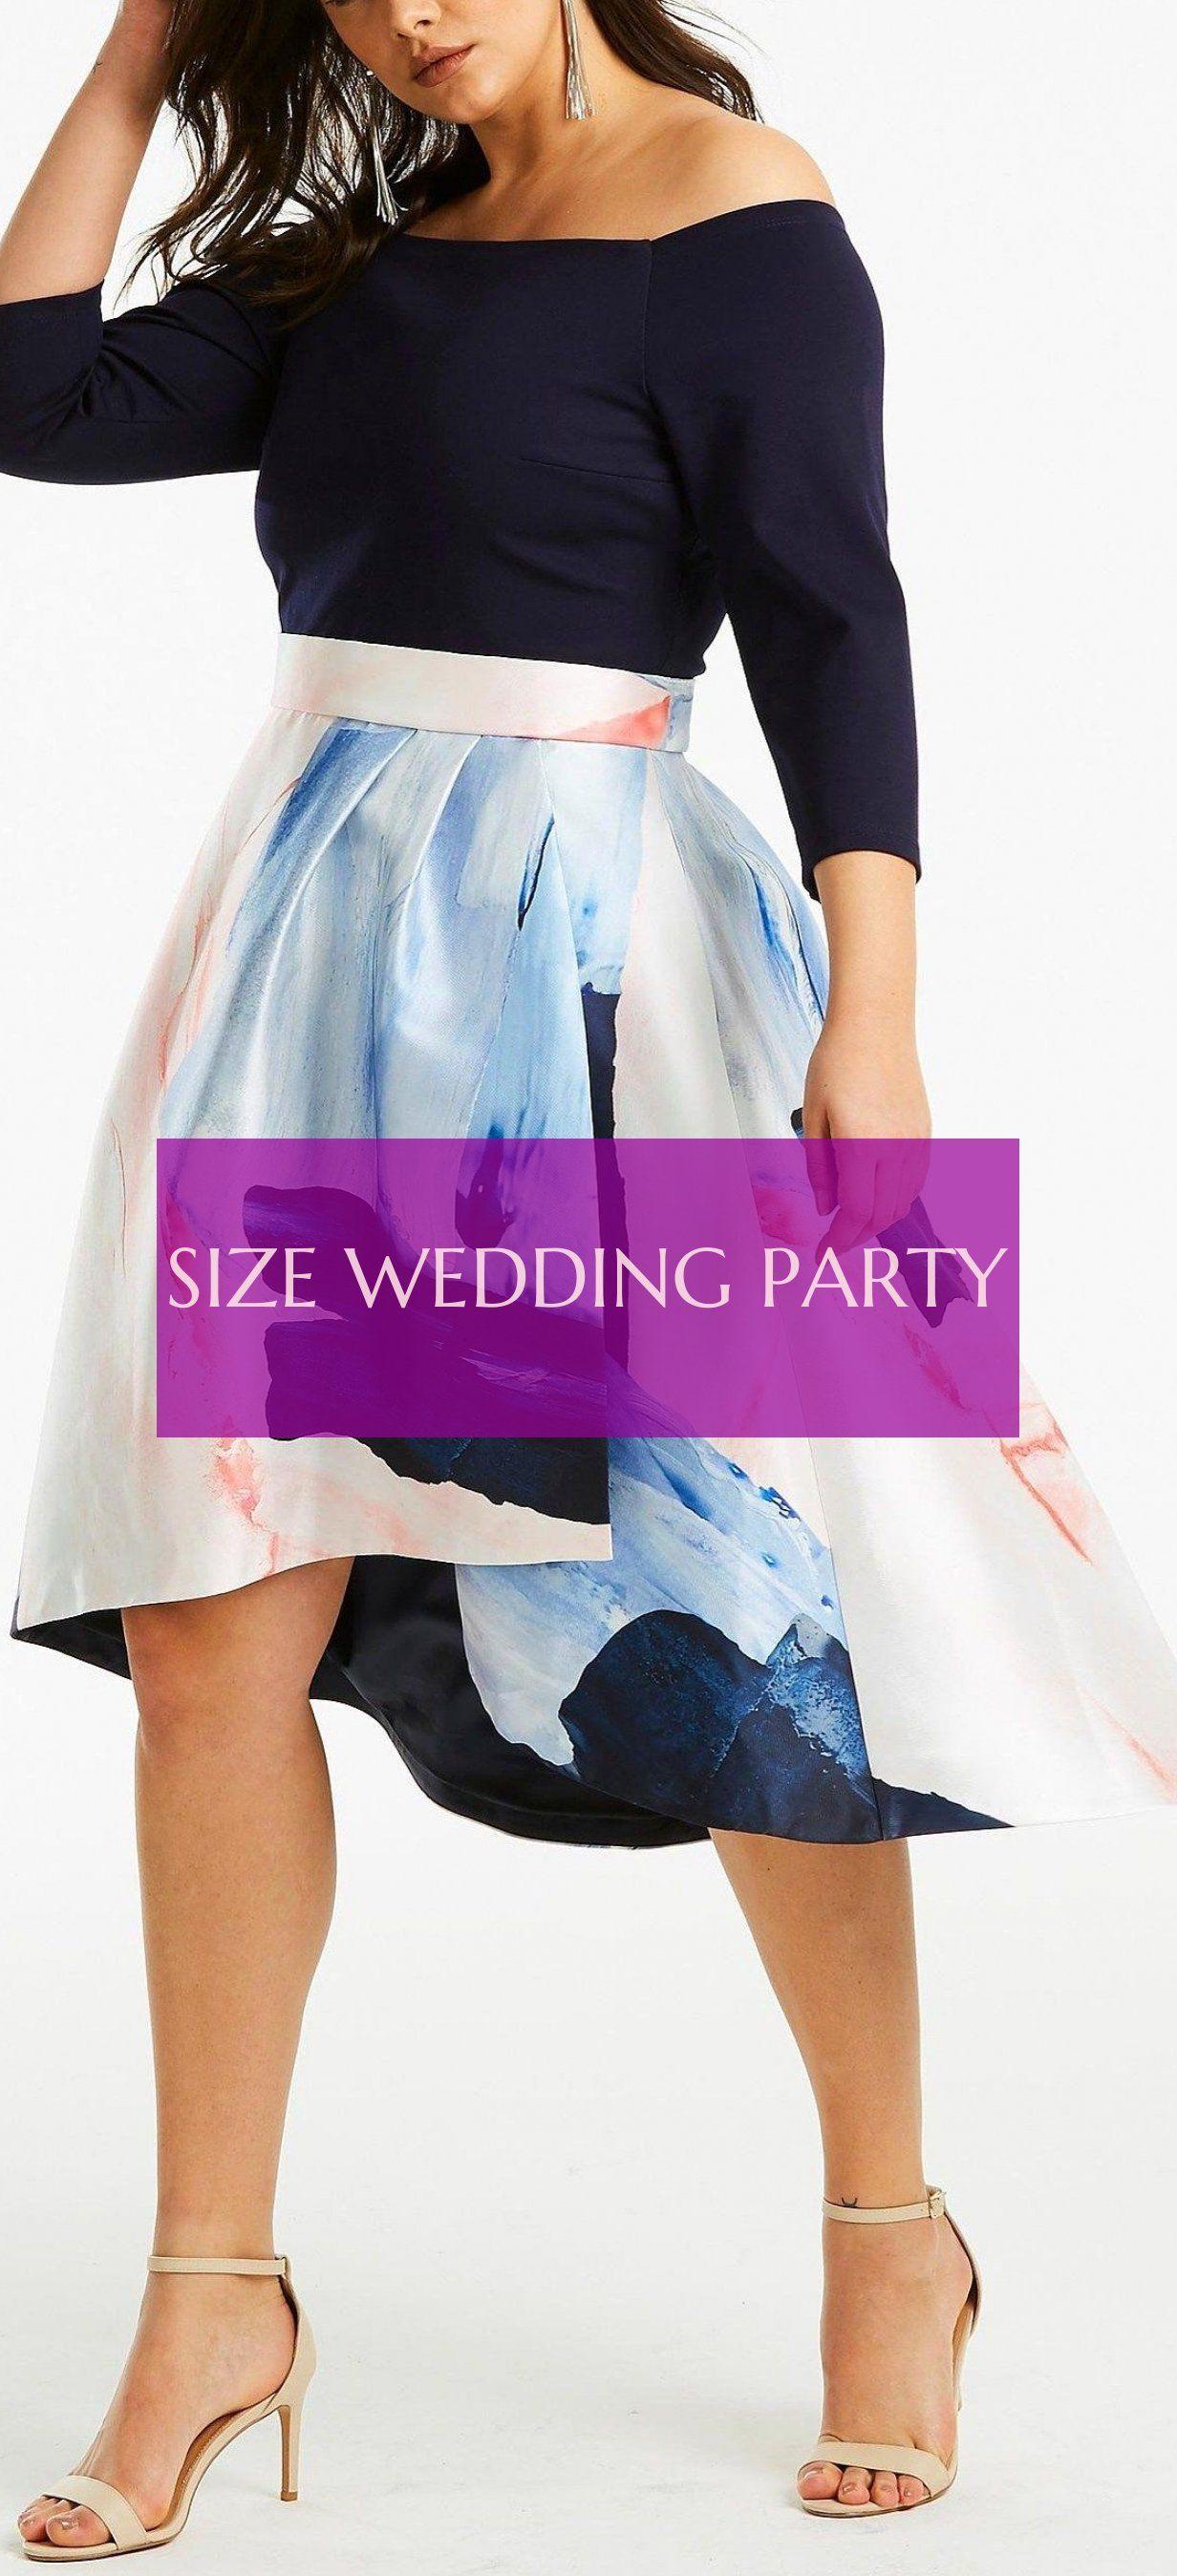 Fête De Mariage De Taille Size Wedding Party